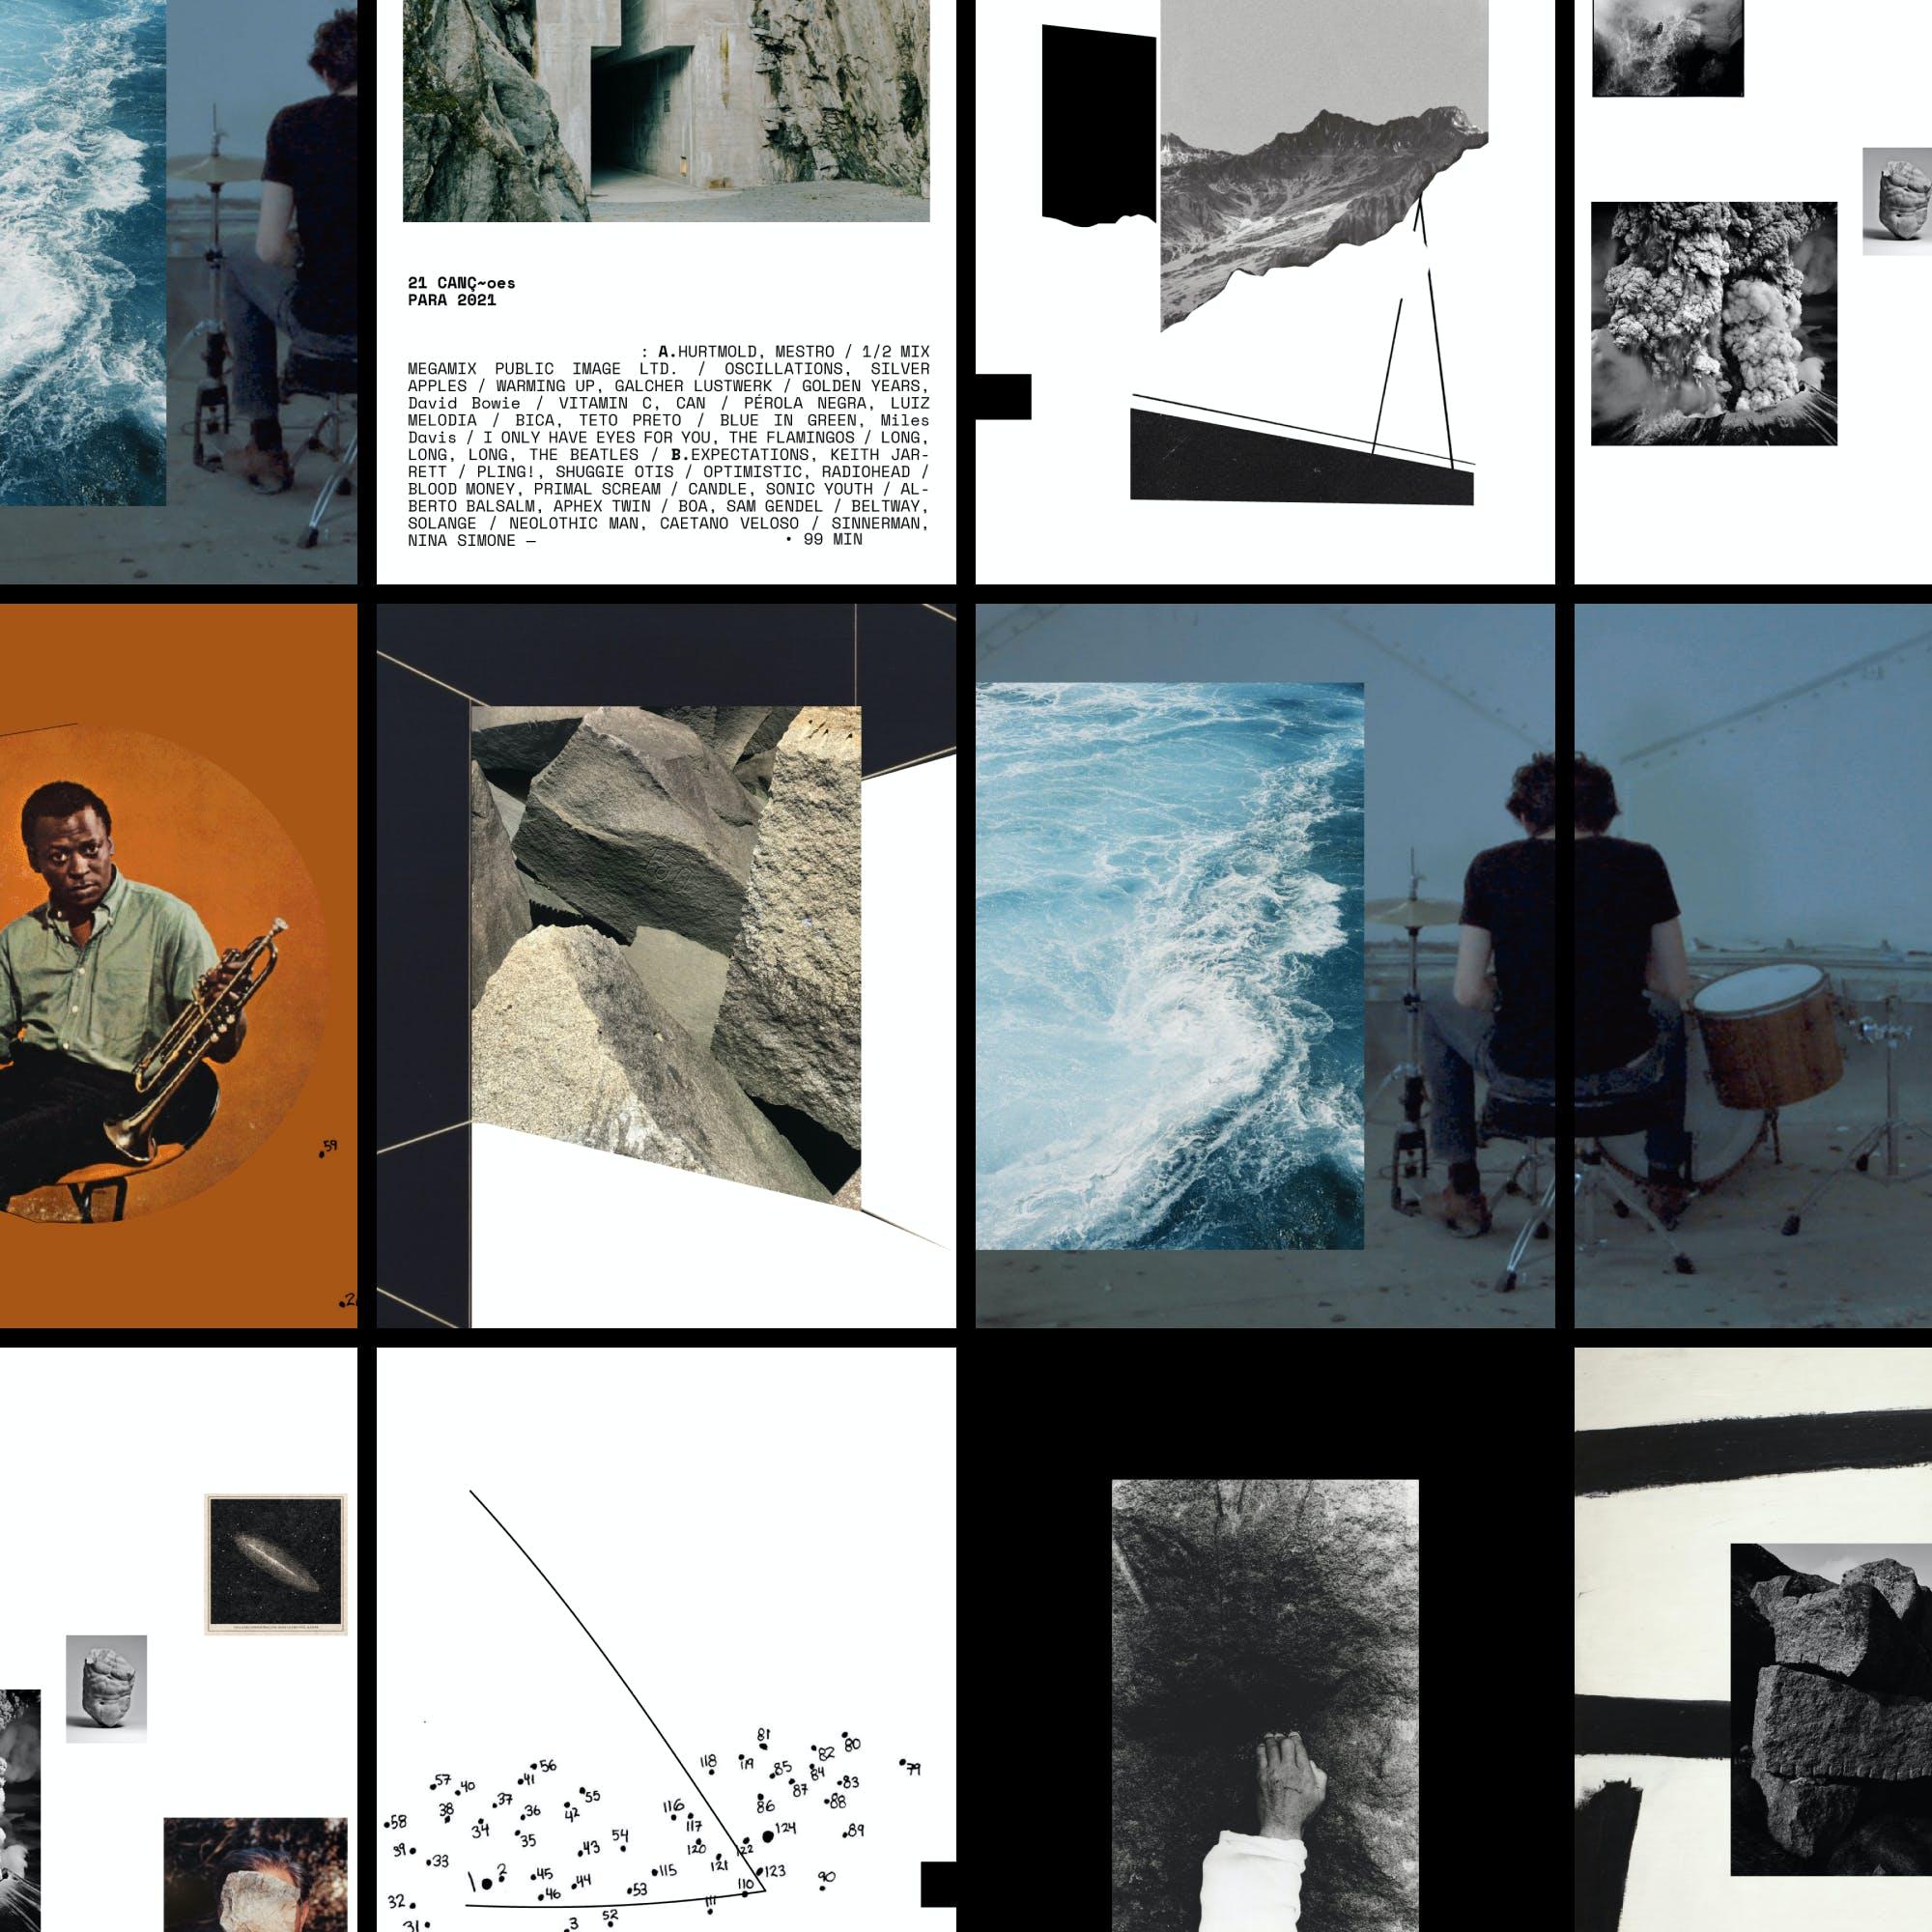 Sequencia de imagens de ensaio visual de Guilherme Falcão.